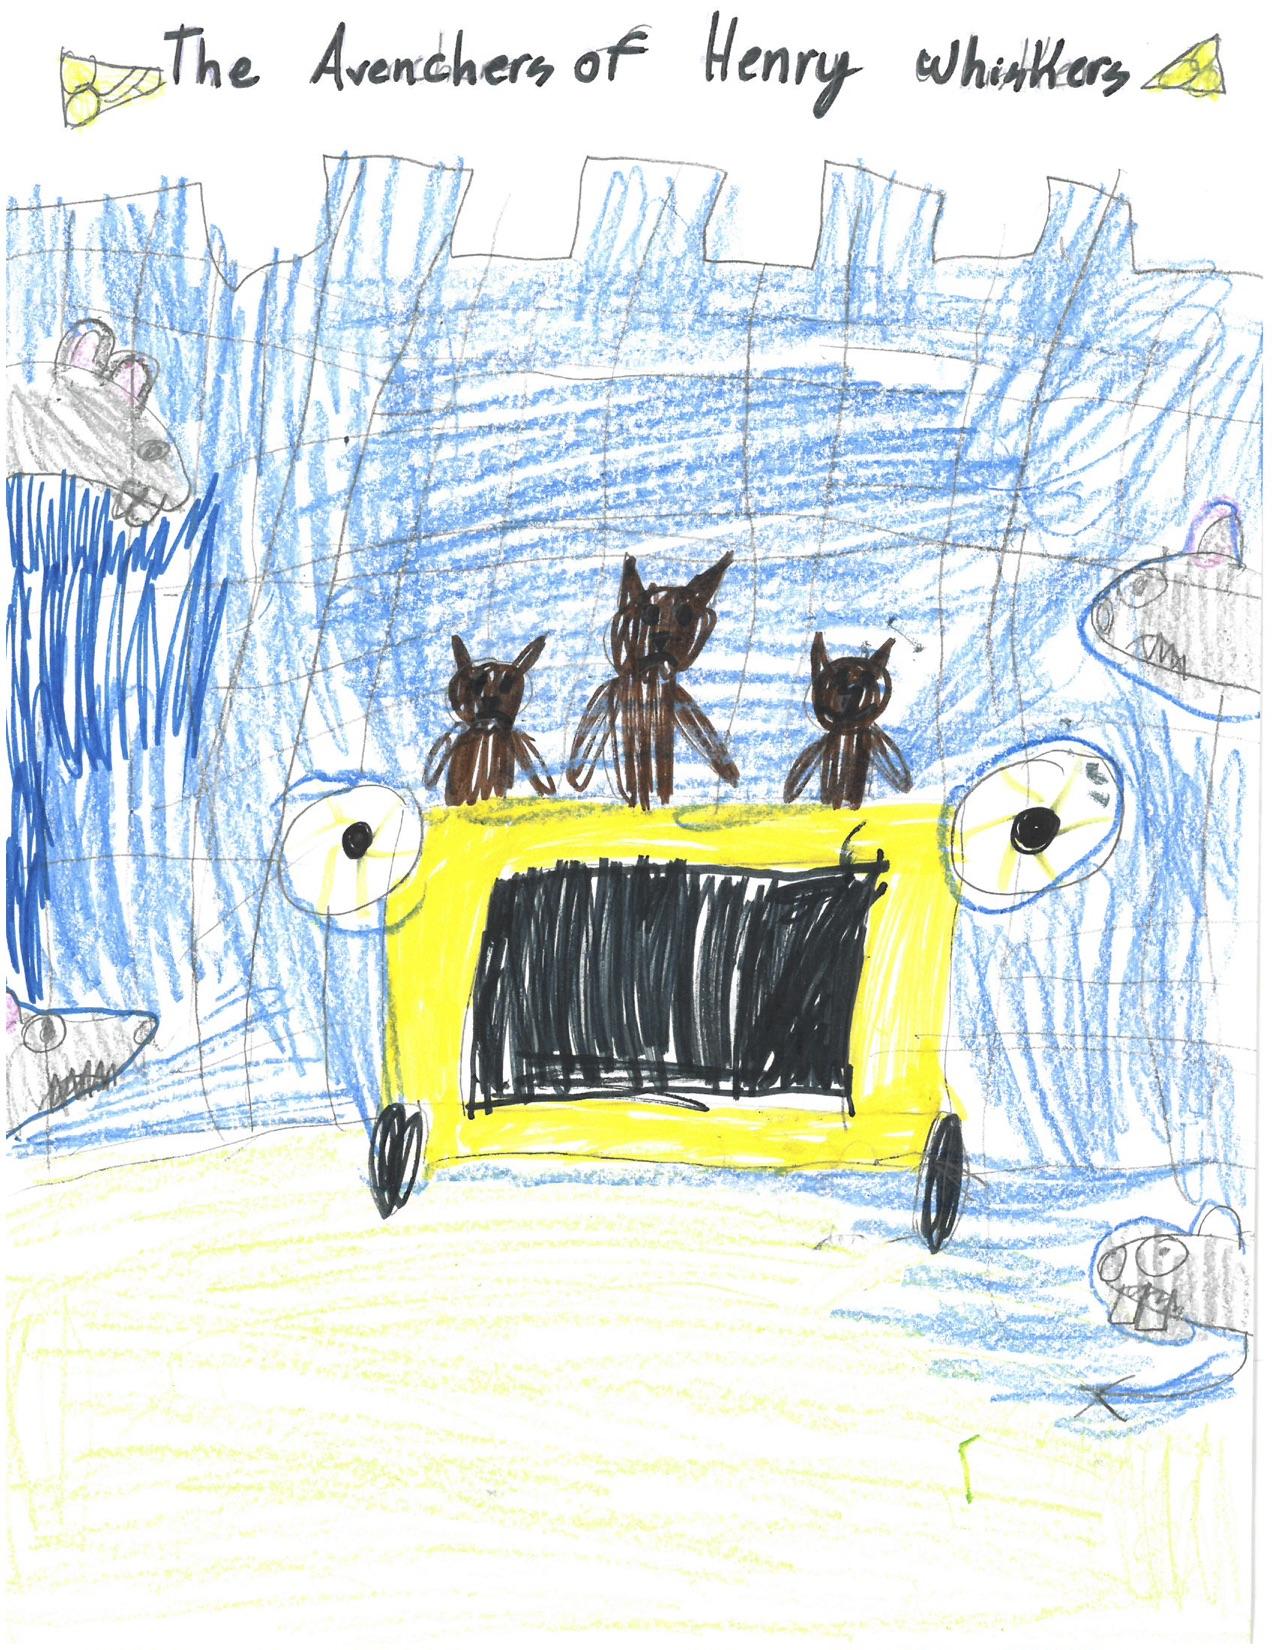 By Amanda, 2nd Grade